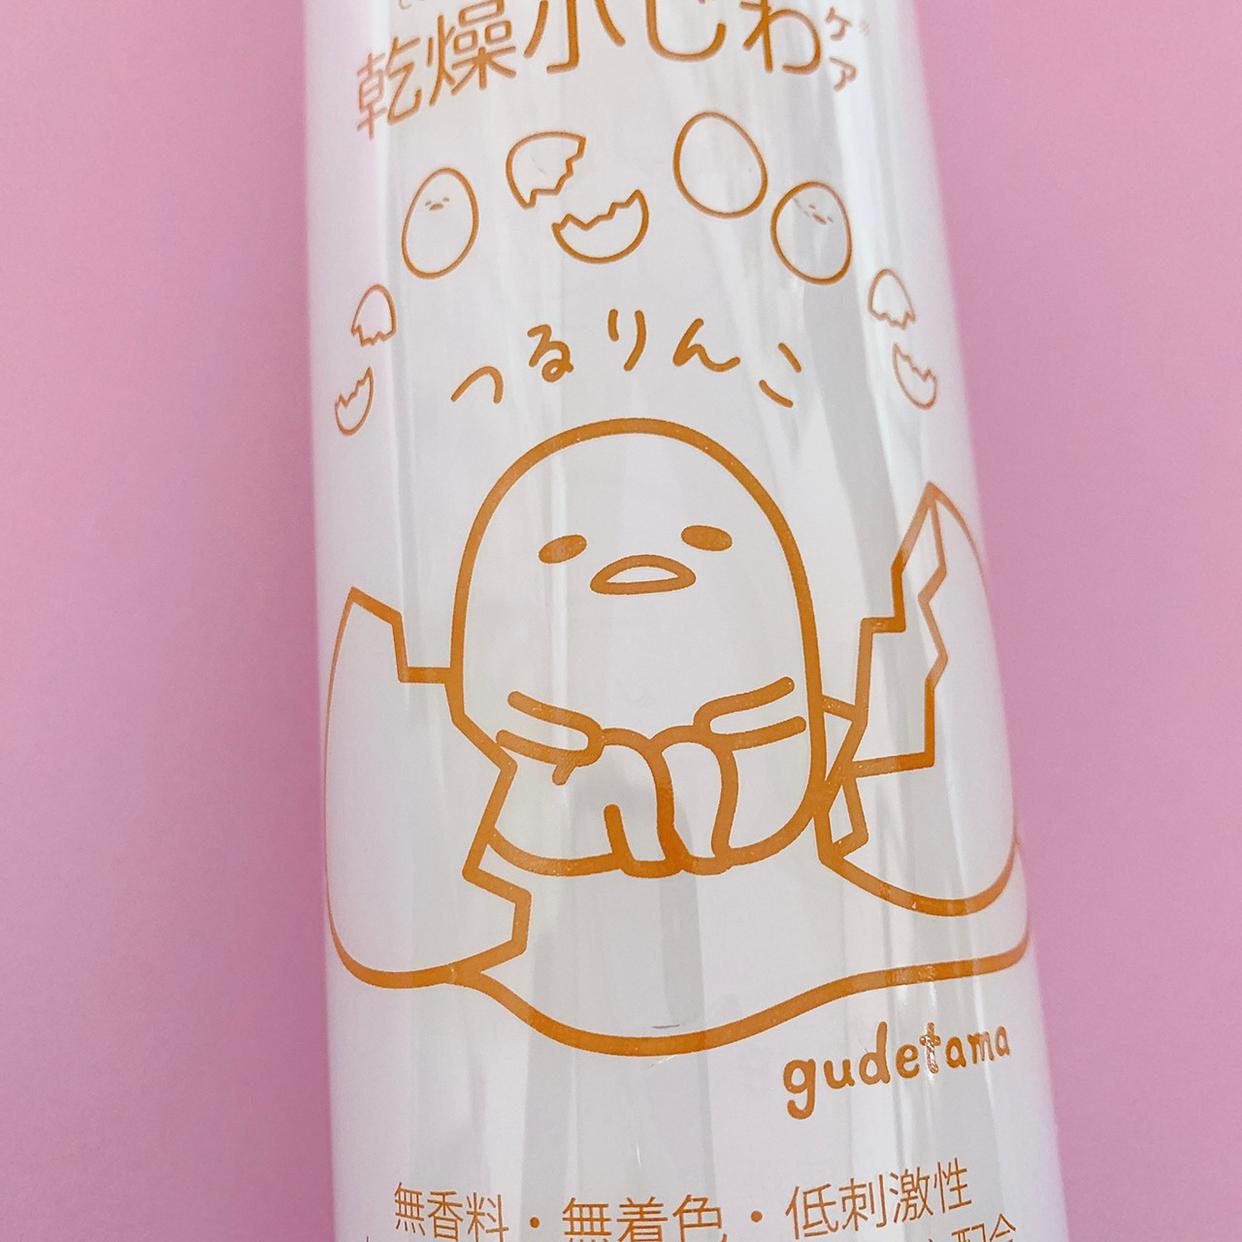 ココエッグ リンクルローション たまご化粧水を使ったkana_cafe_timeさんのクチコミ画像2